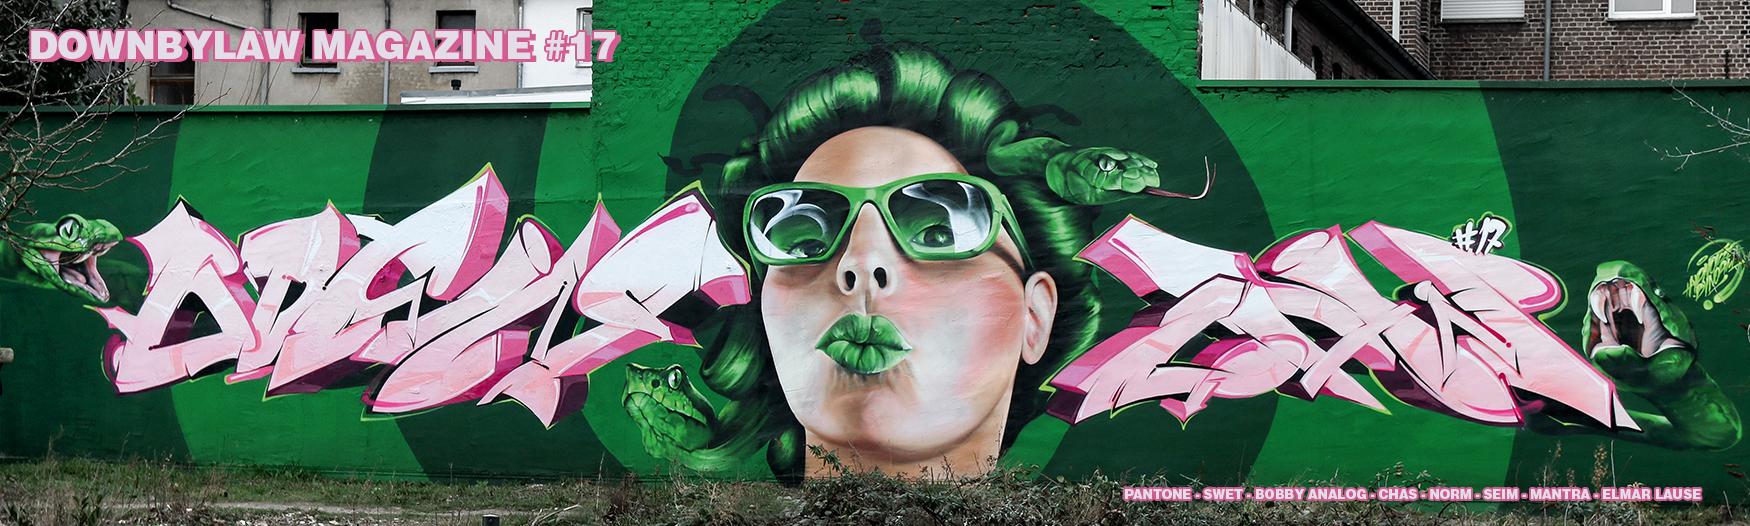 Downbylaw_magazine_17_graffiti_art_norm4